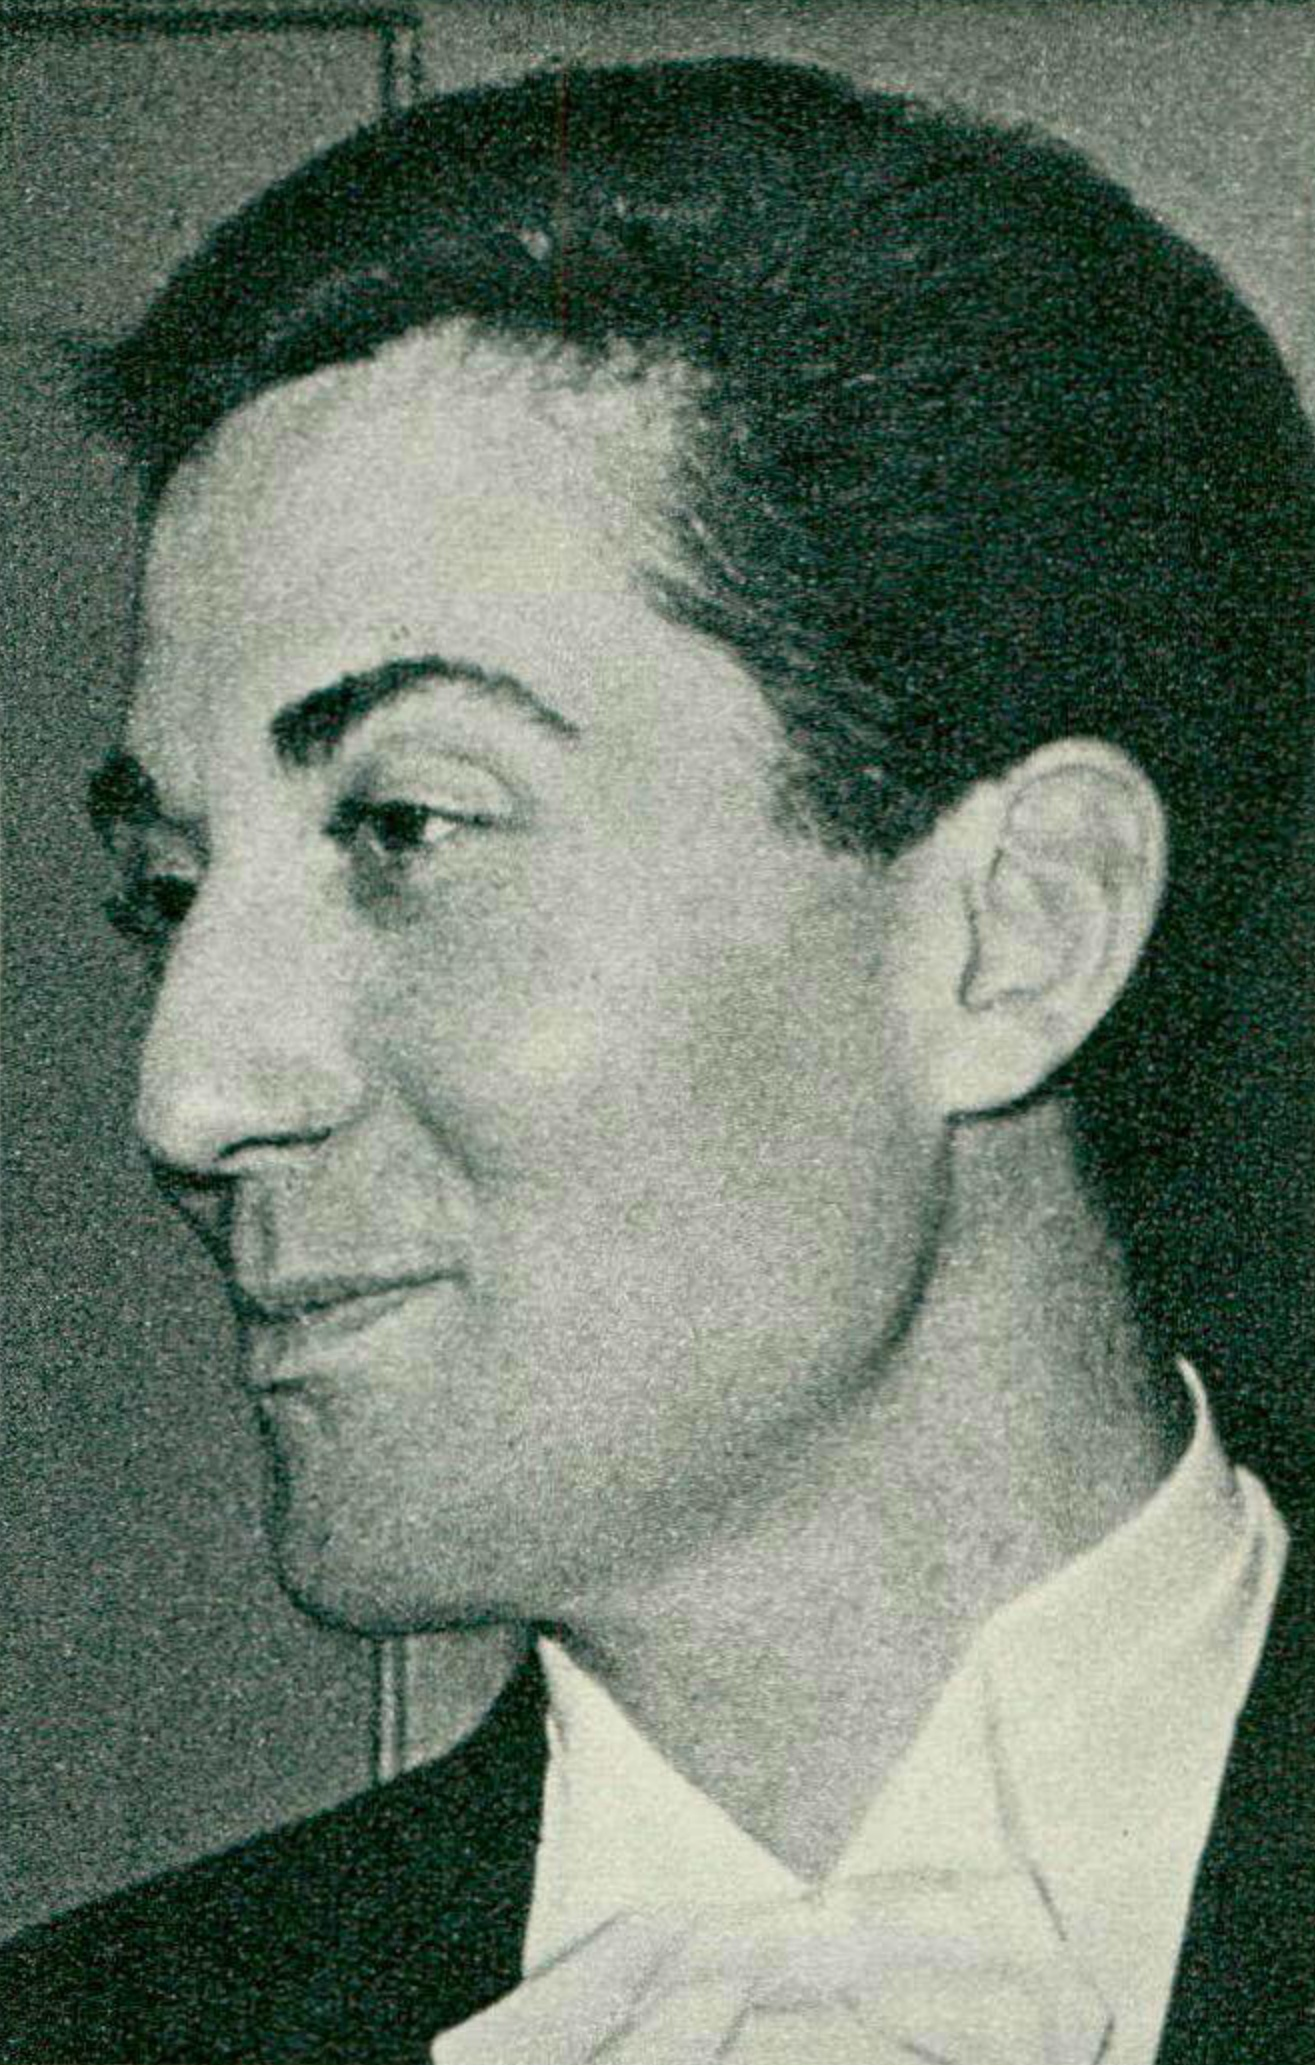 Aldo CICCOLINI, une photo de Fedia Müller publiée dans la revue Radio je vois tout TV du 18 août 1966, No 33, page 47, D.R., cliquer pour une vue agrandie